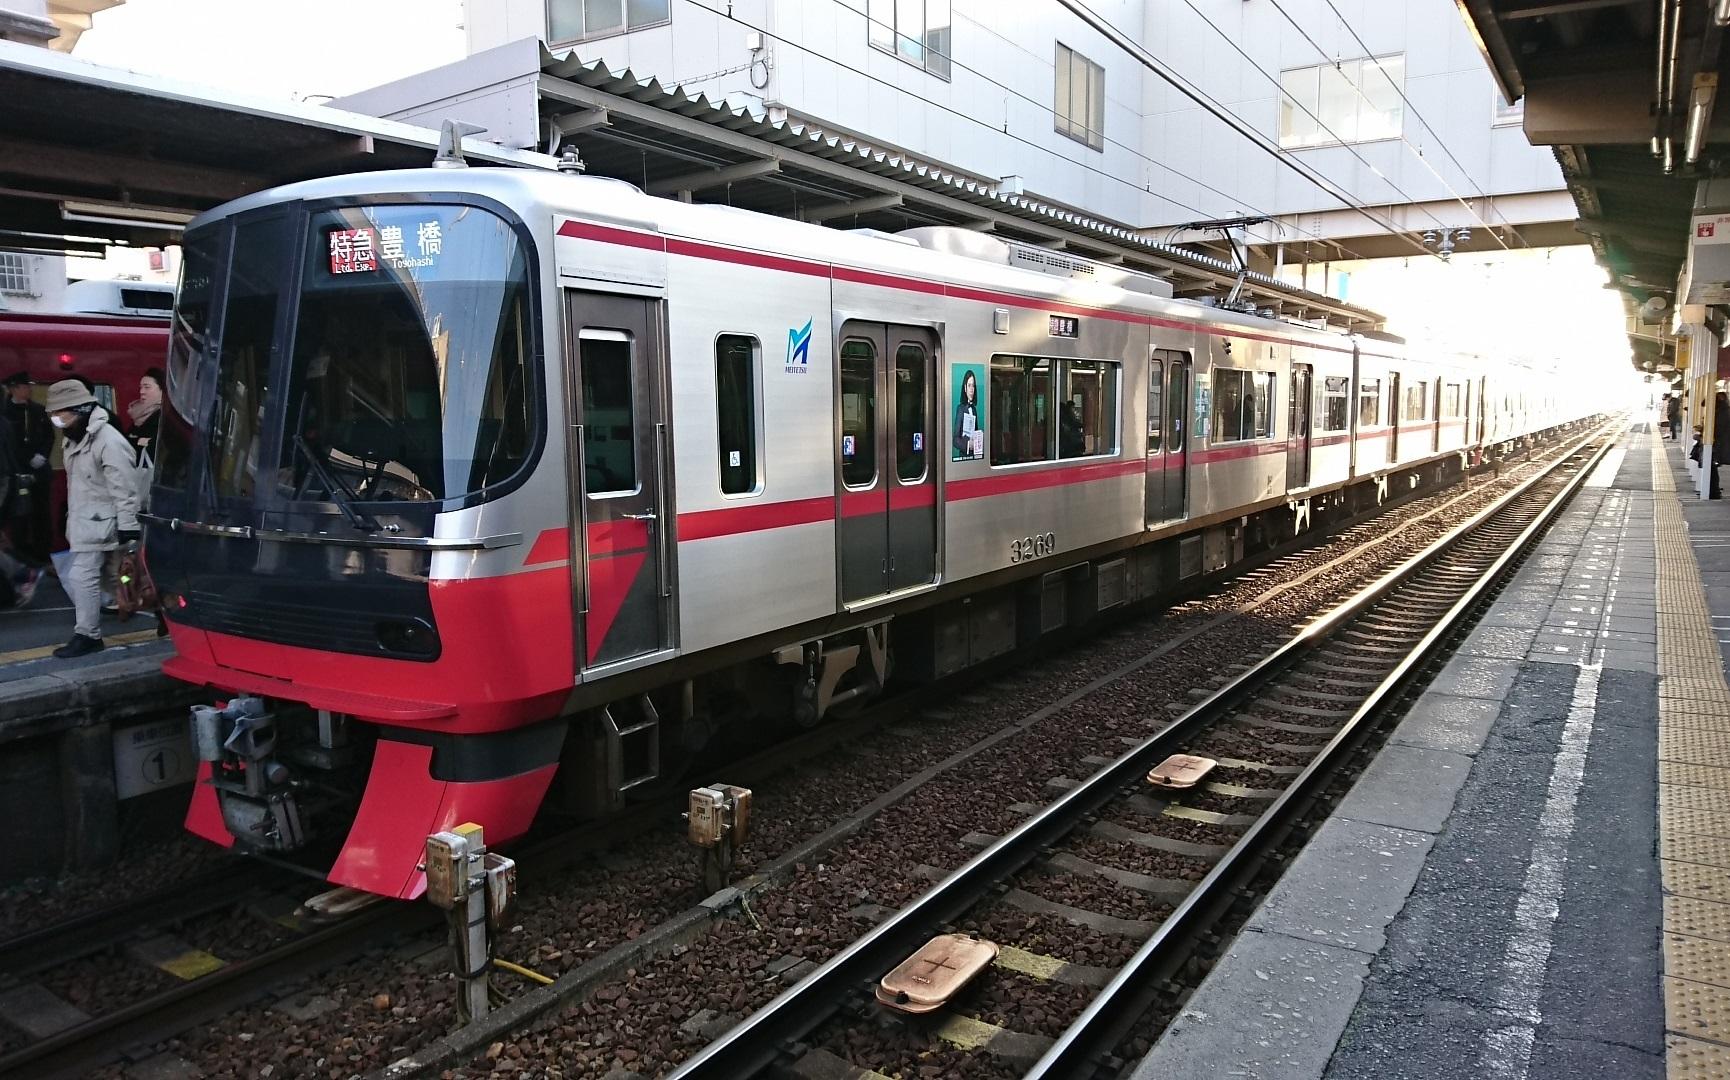 2017.1.13 名古屋まで (4) しんあんじょう - 豊橋いき特急(3269)1730-1080